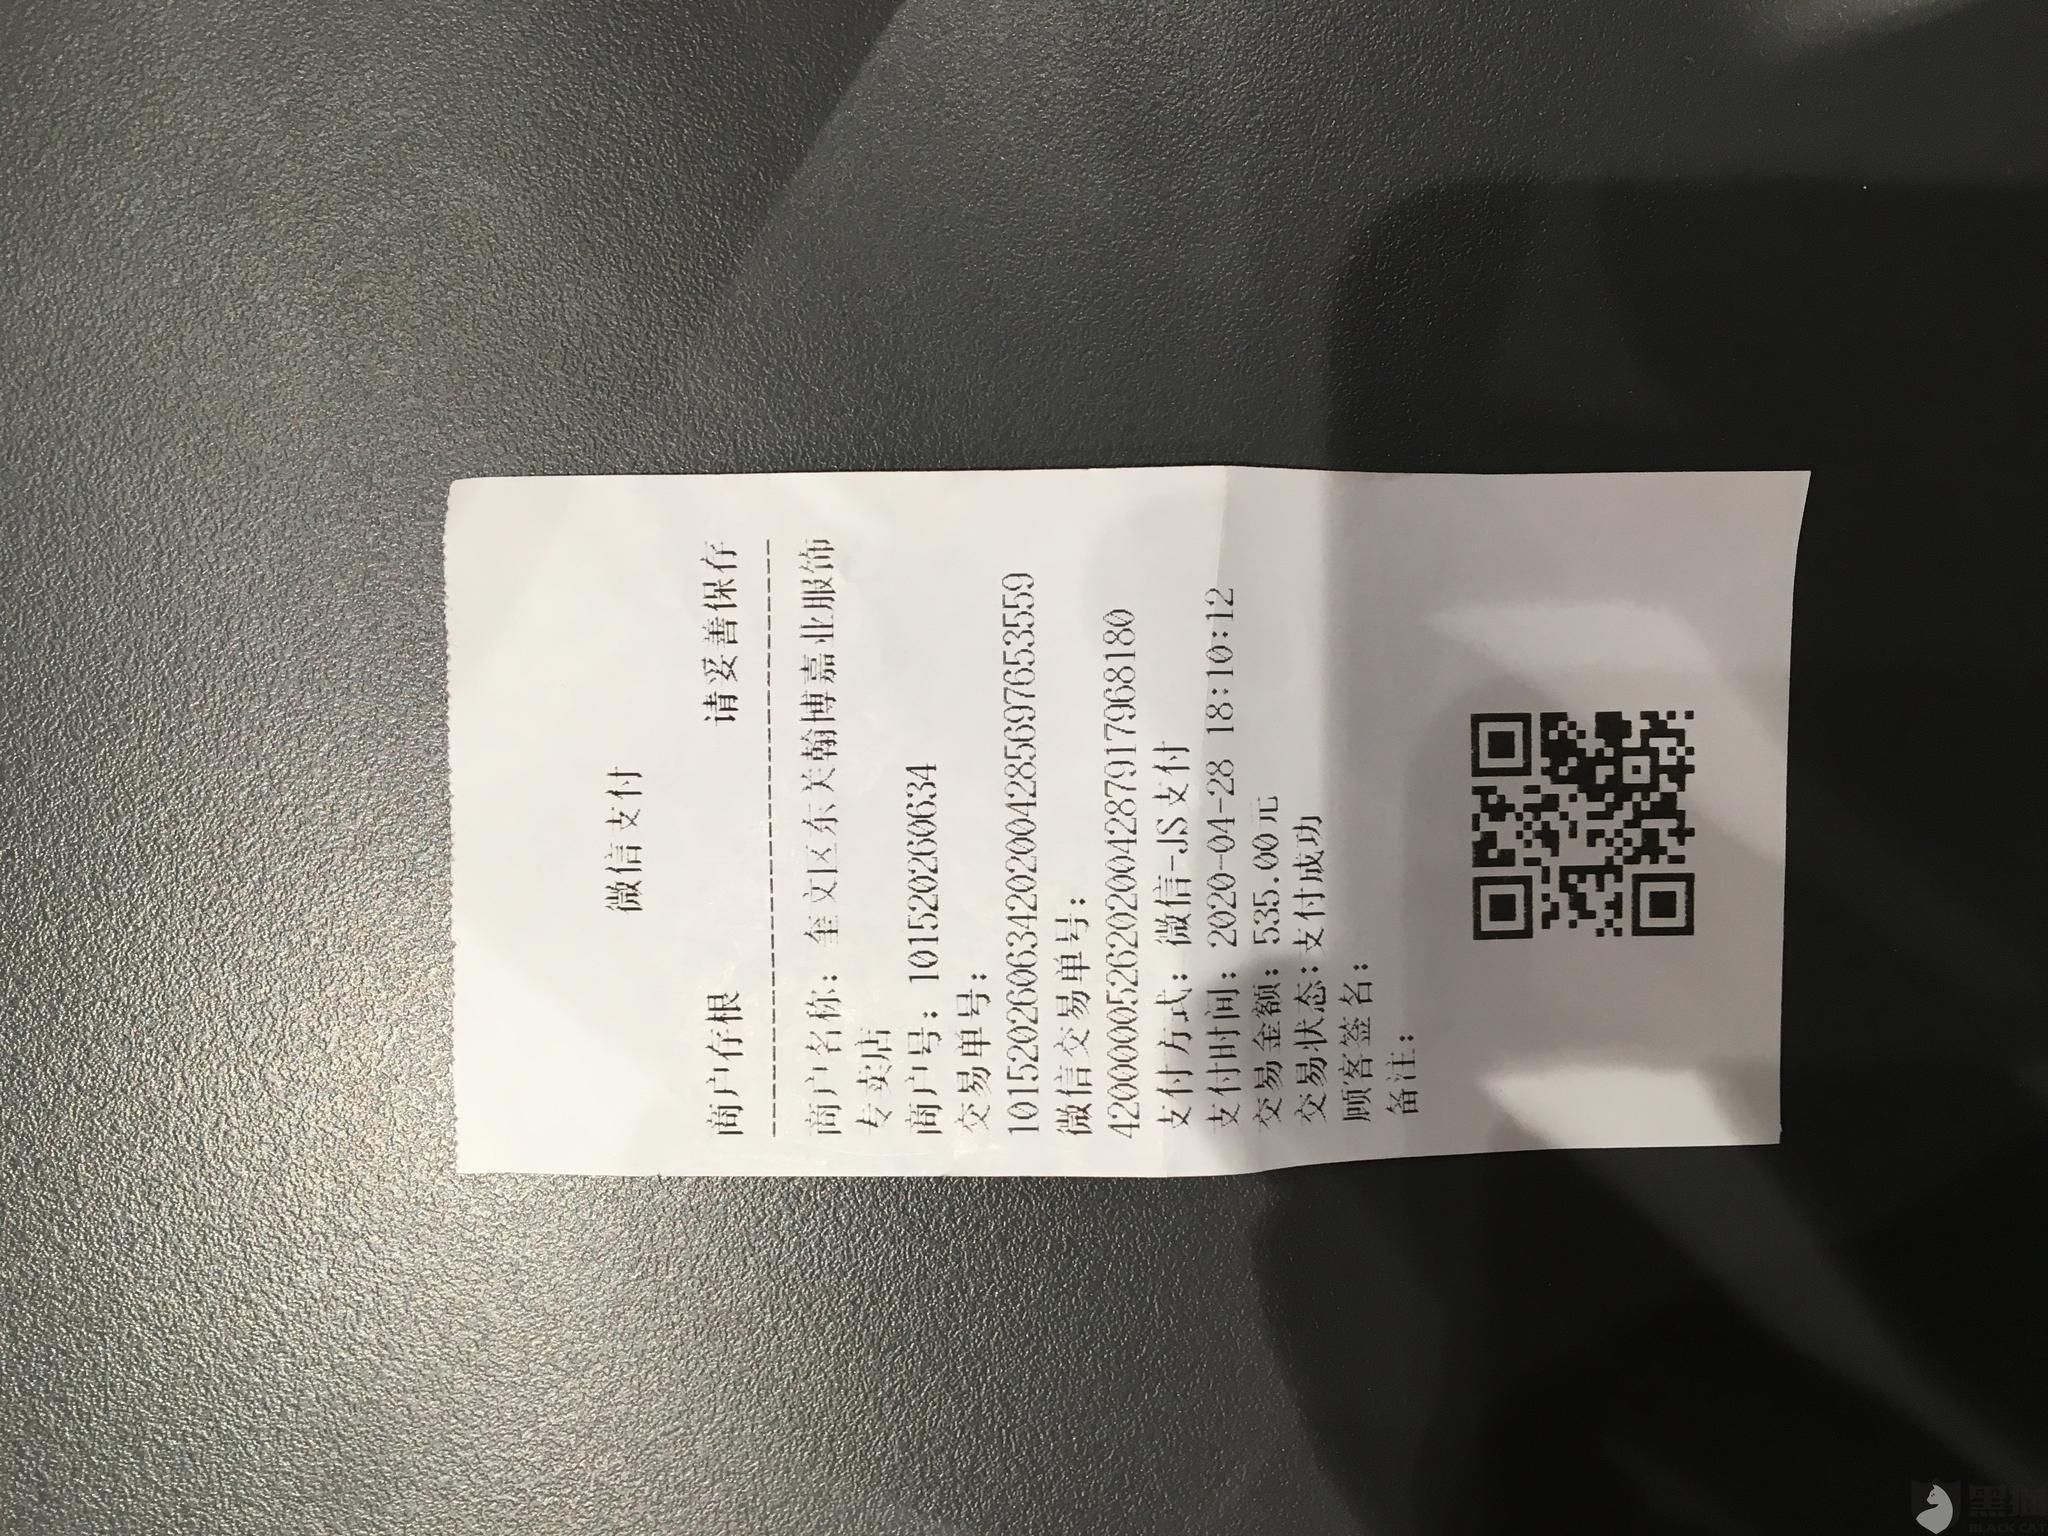 黑猫投诉:潍坊市万达广场一楼VANS专卖店,小票为奎文区东关翰博嘉业服饰专卖店,售卖假货